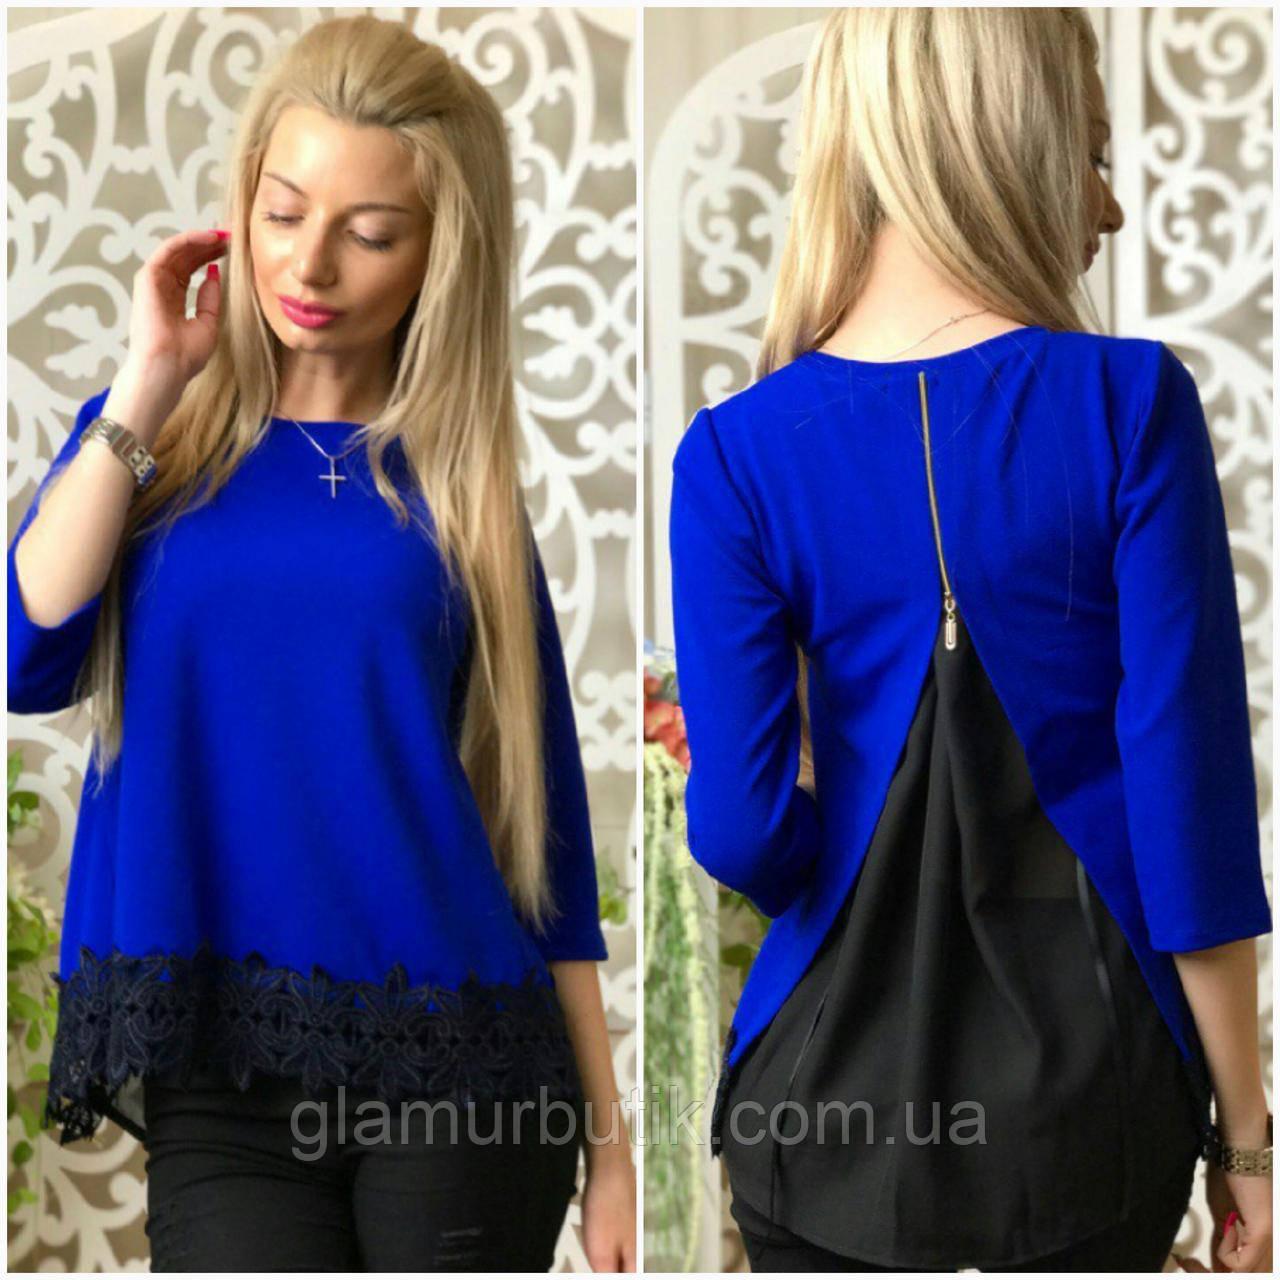 7fb16f39739 Красивая женская блузка блуза с кружевом и чёрной шифоновой вставкой на  спине электрик S-M L-XL